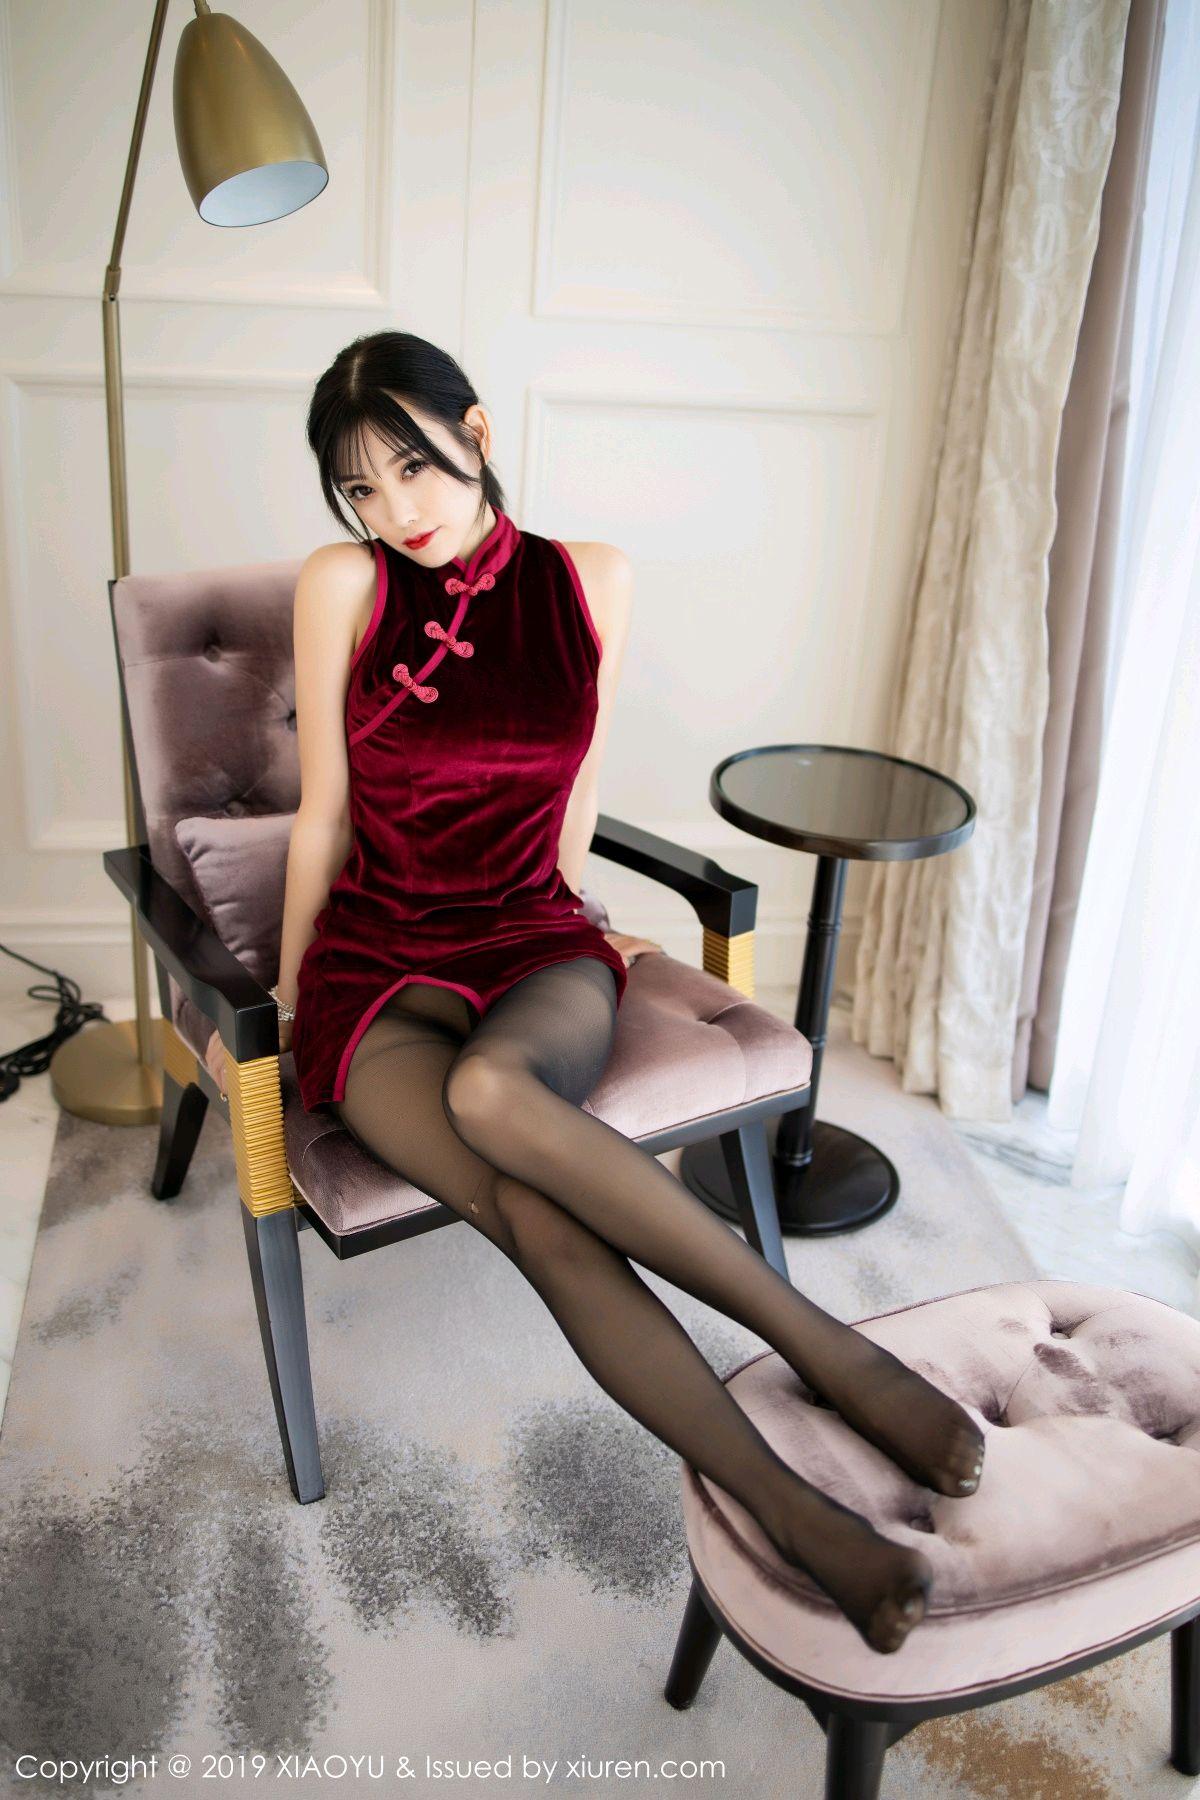 [XiaoYu] Vol.152 Yang Chen Chen 22P, Black Silk, Cheongsam, Tall, XiaoYu, Yang Chen Chen